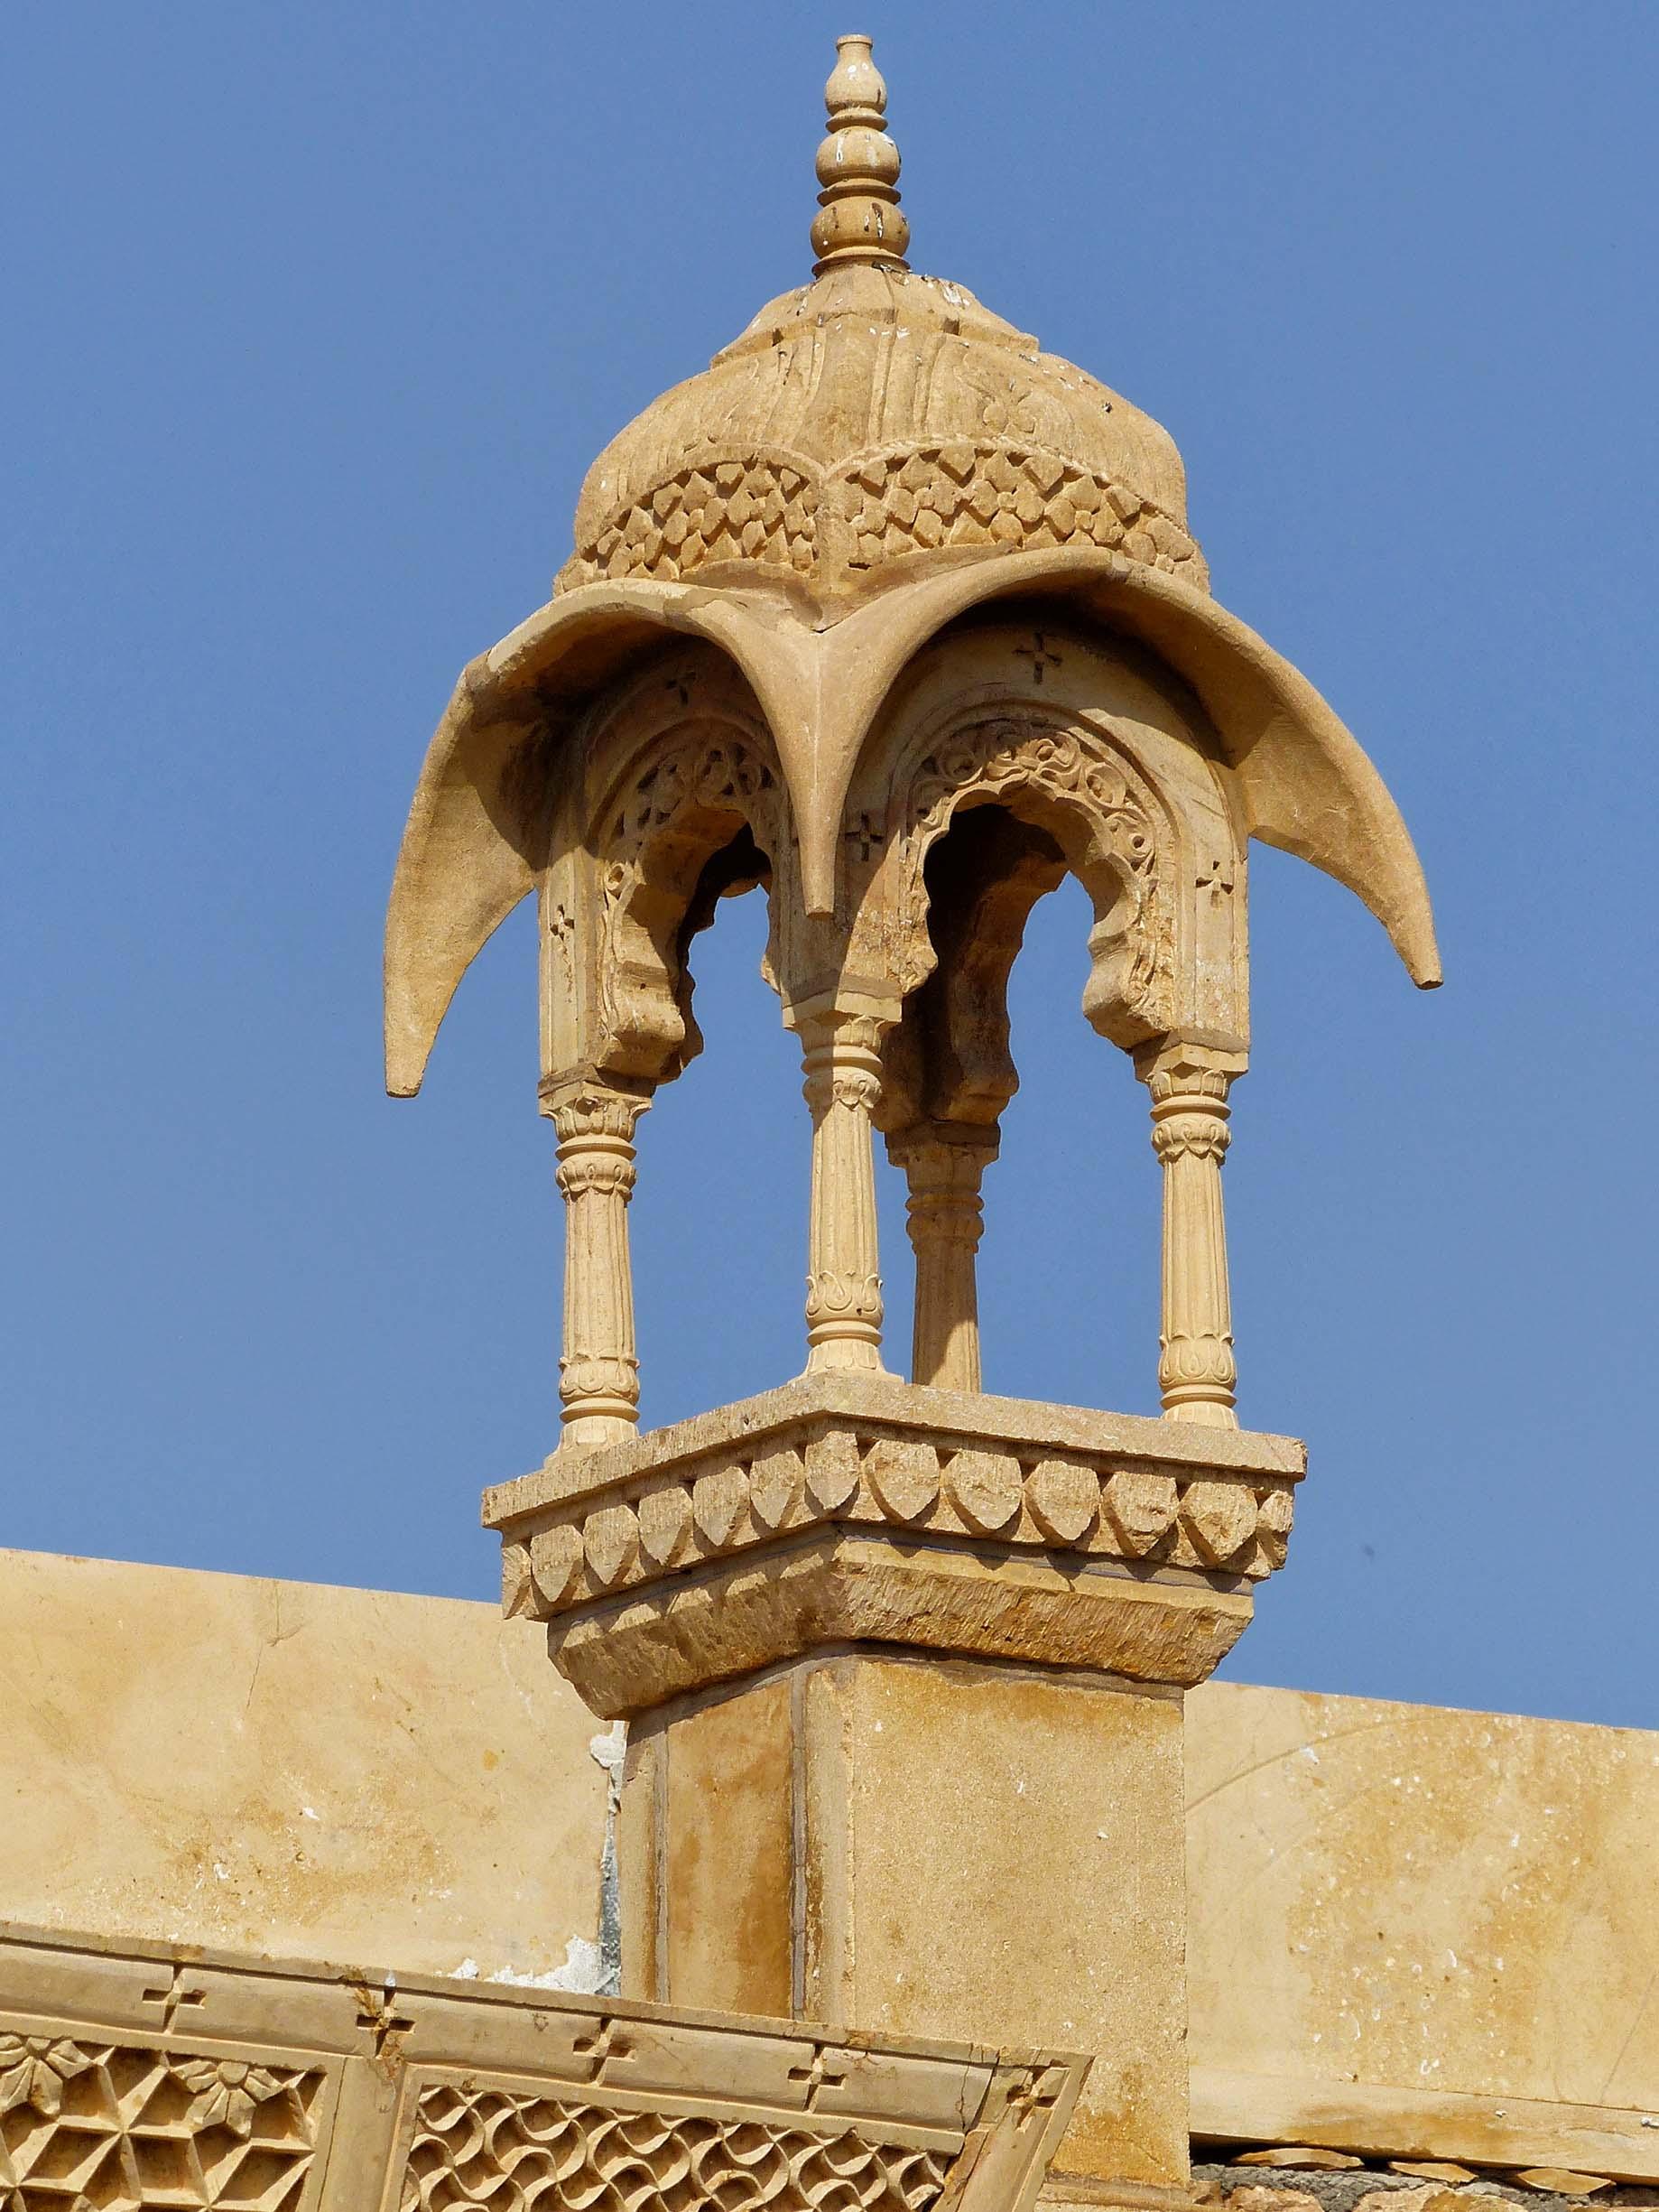 Ornate sandstone building detail